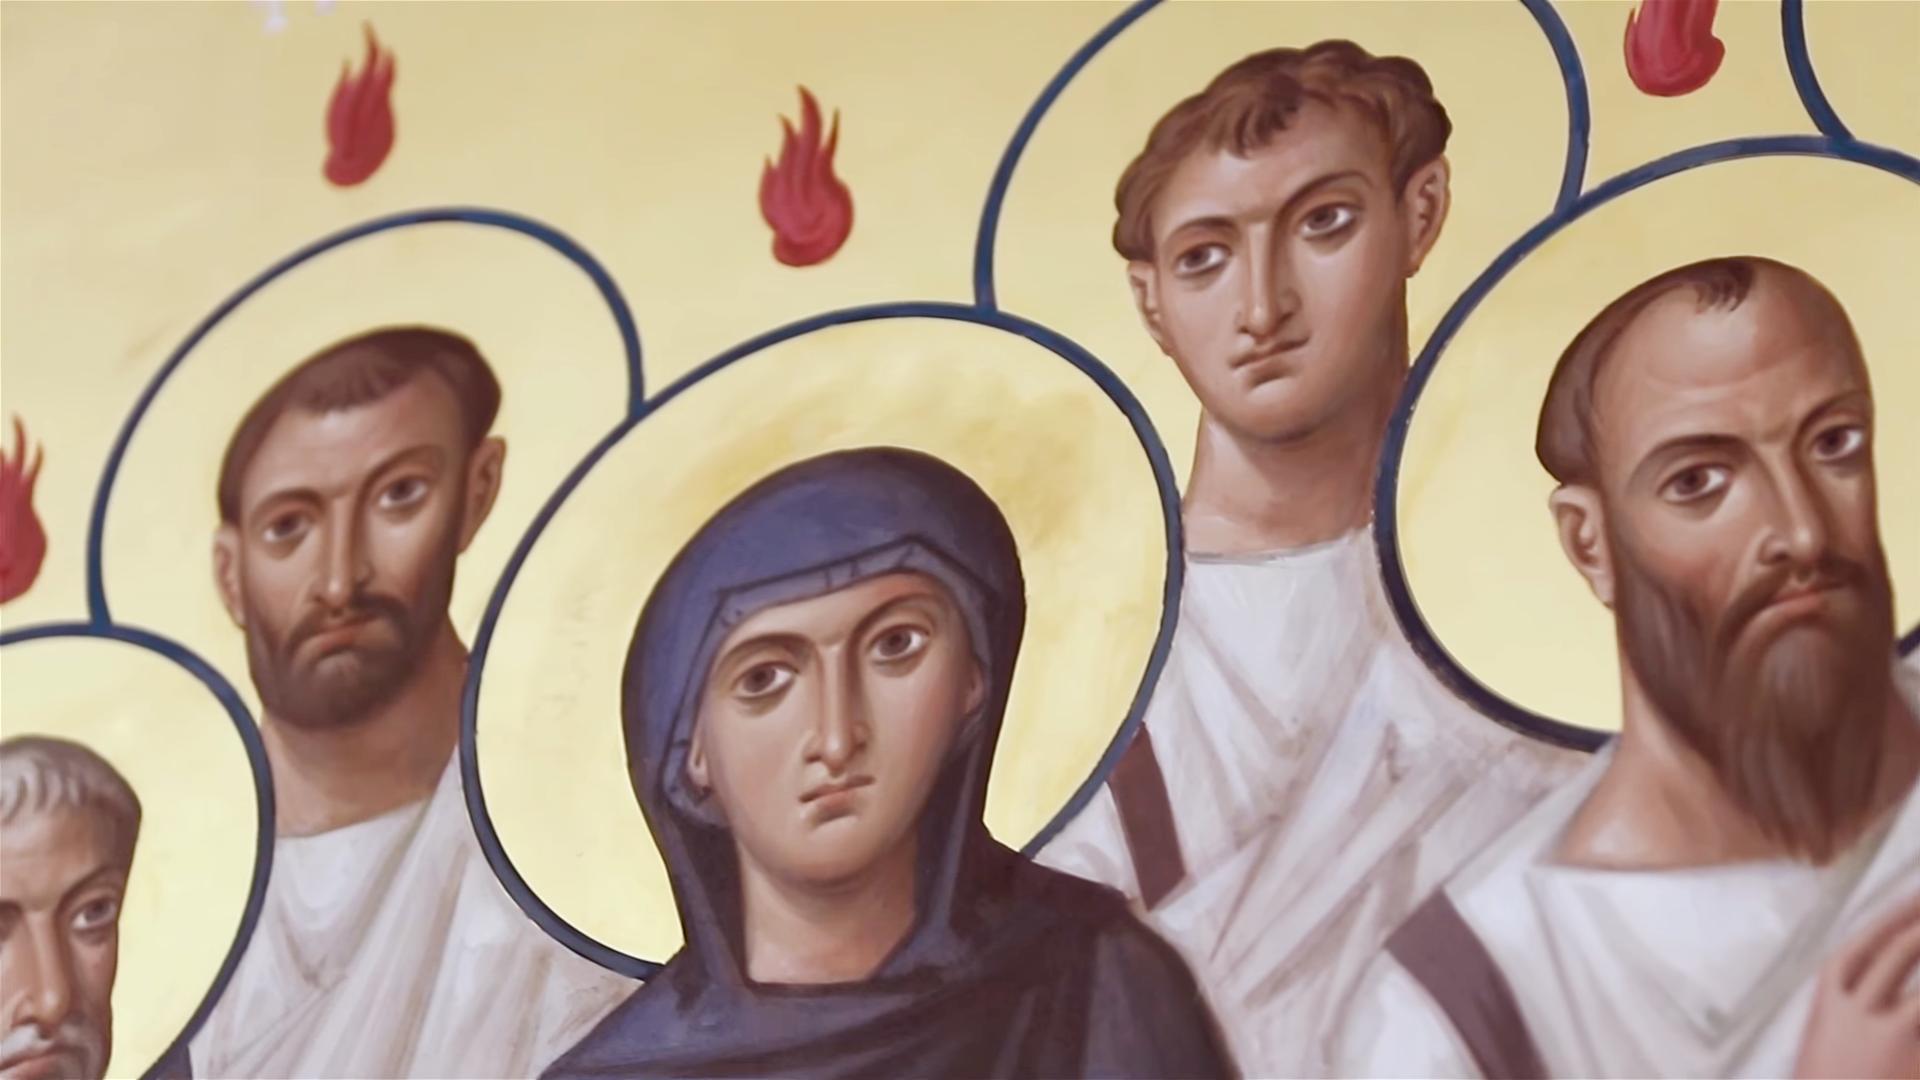 25 лет назад архиепископ Тадеуш Кондрусевич подписал декрет об открытии Высшей духовной семинарии «Мария — Царица Апостолов»